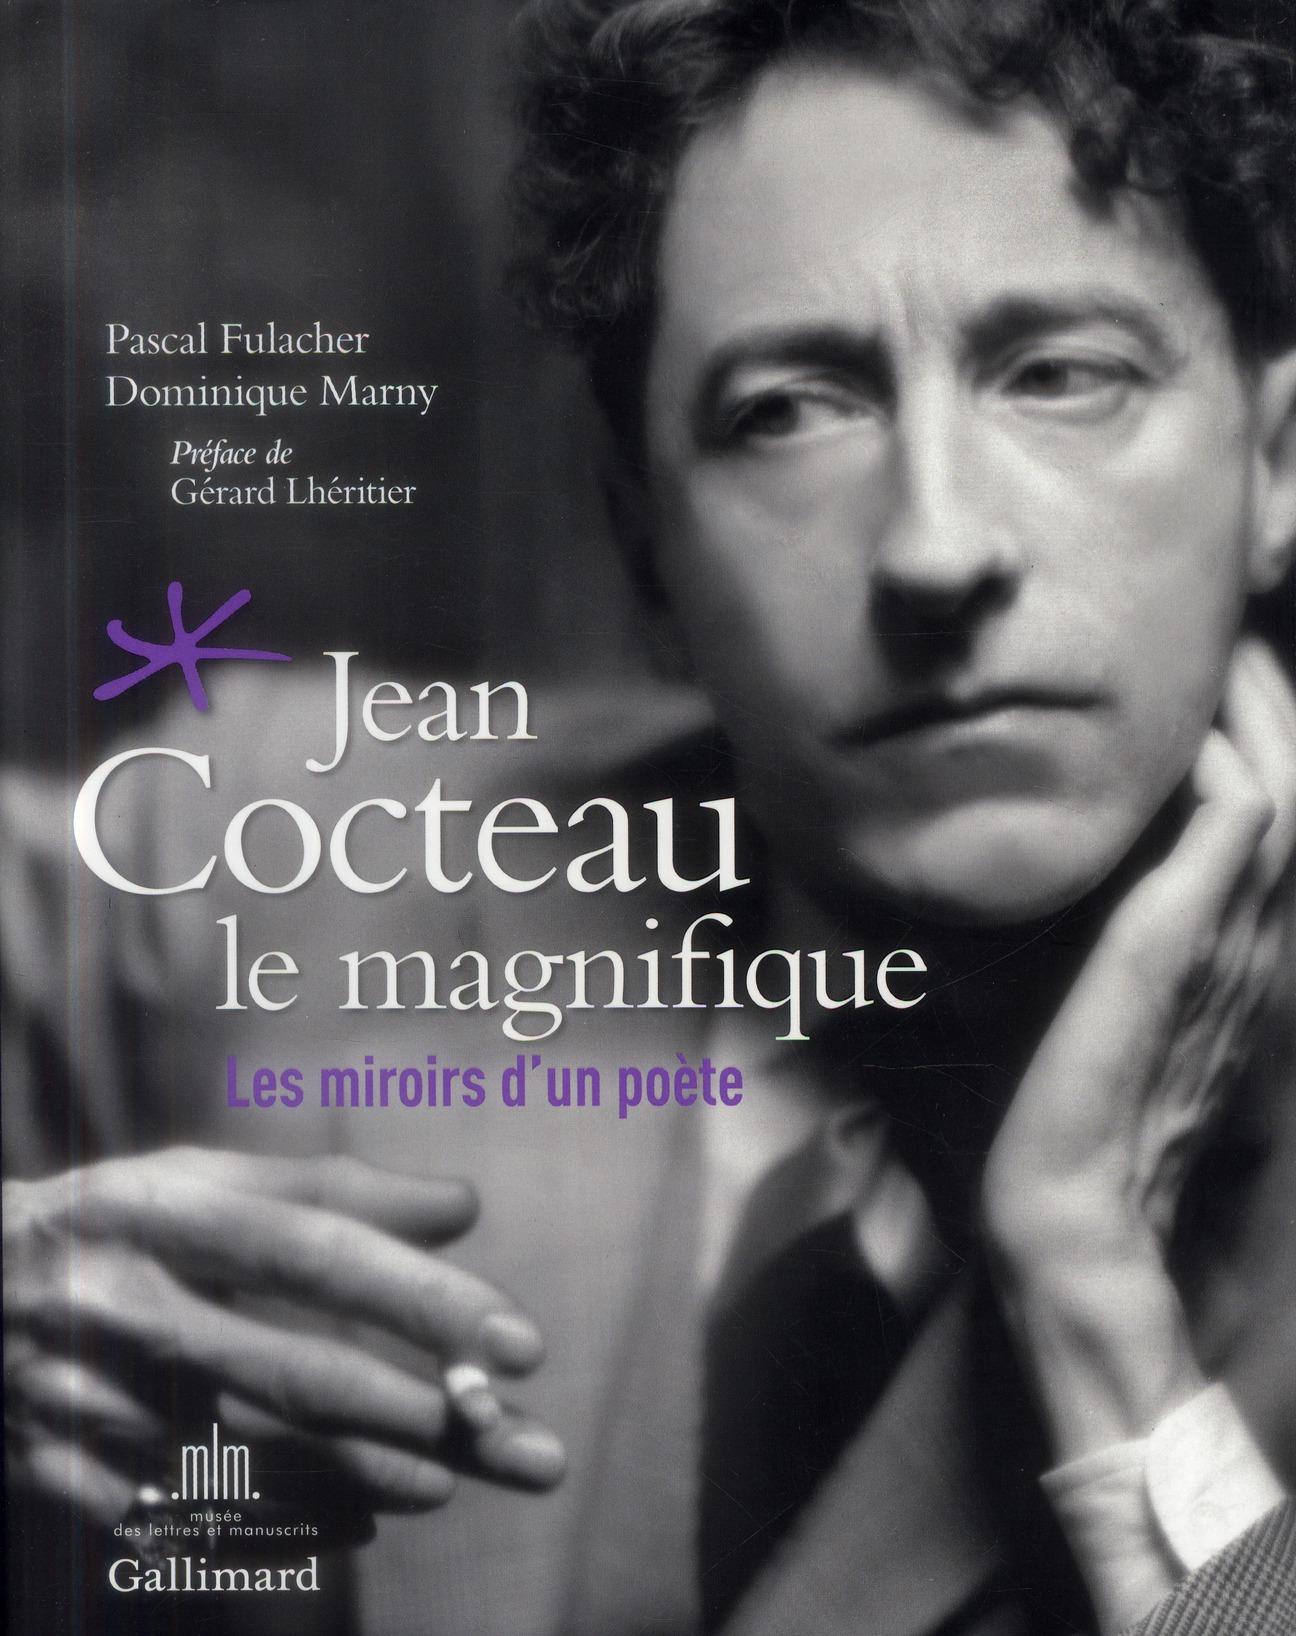 JEAN COCTEAU LE MAGNIFIQUE, LES MIROIRS D'UN POETE